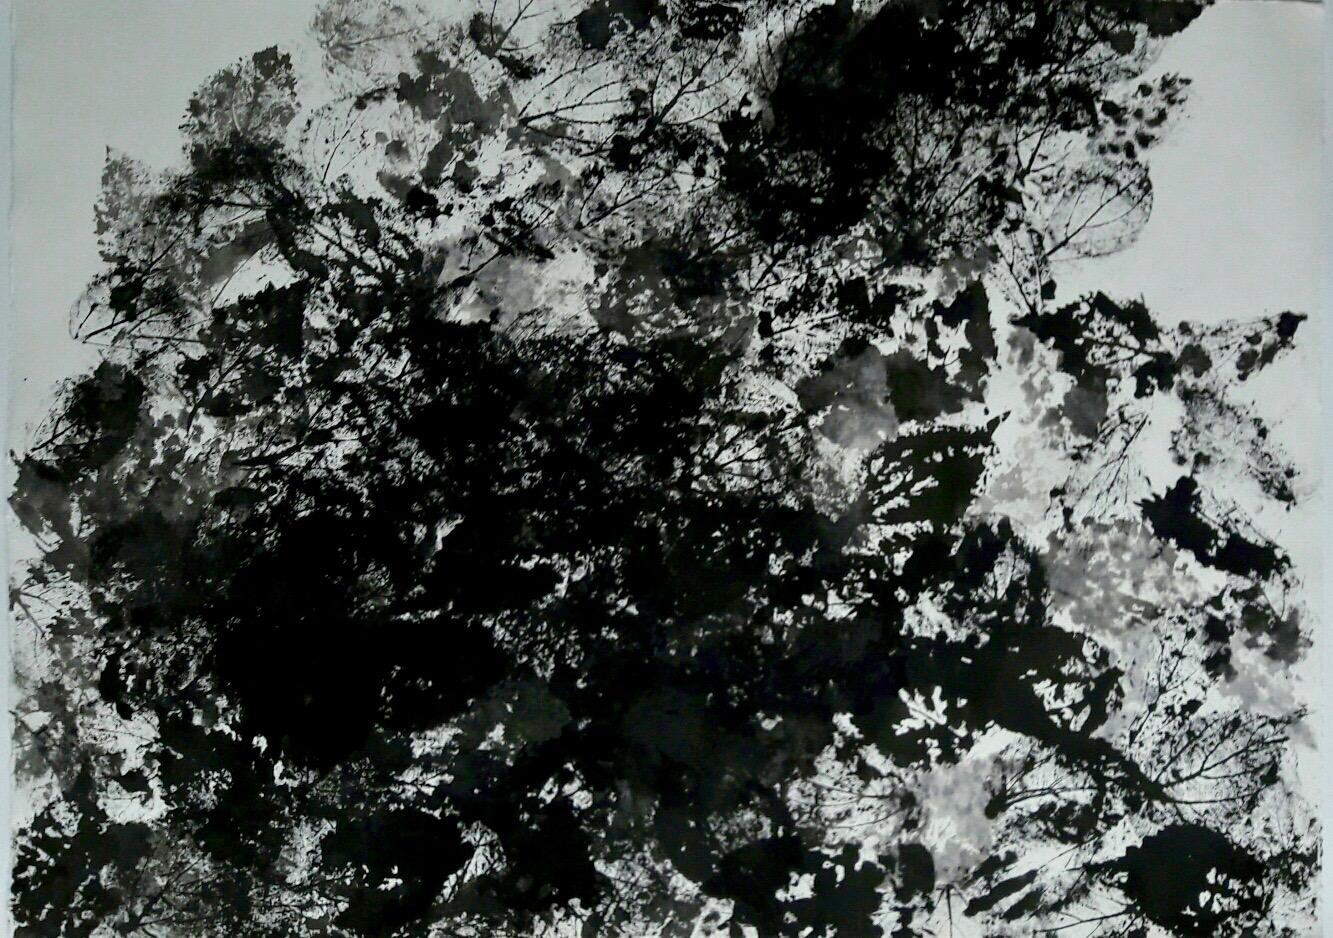 Trace - Encre de chine sur papier marouflé sur toile, 79x108cm